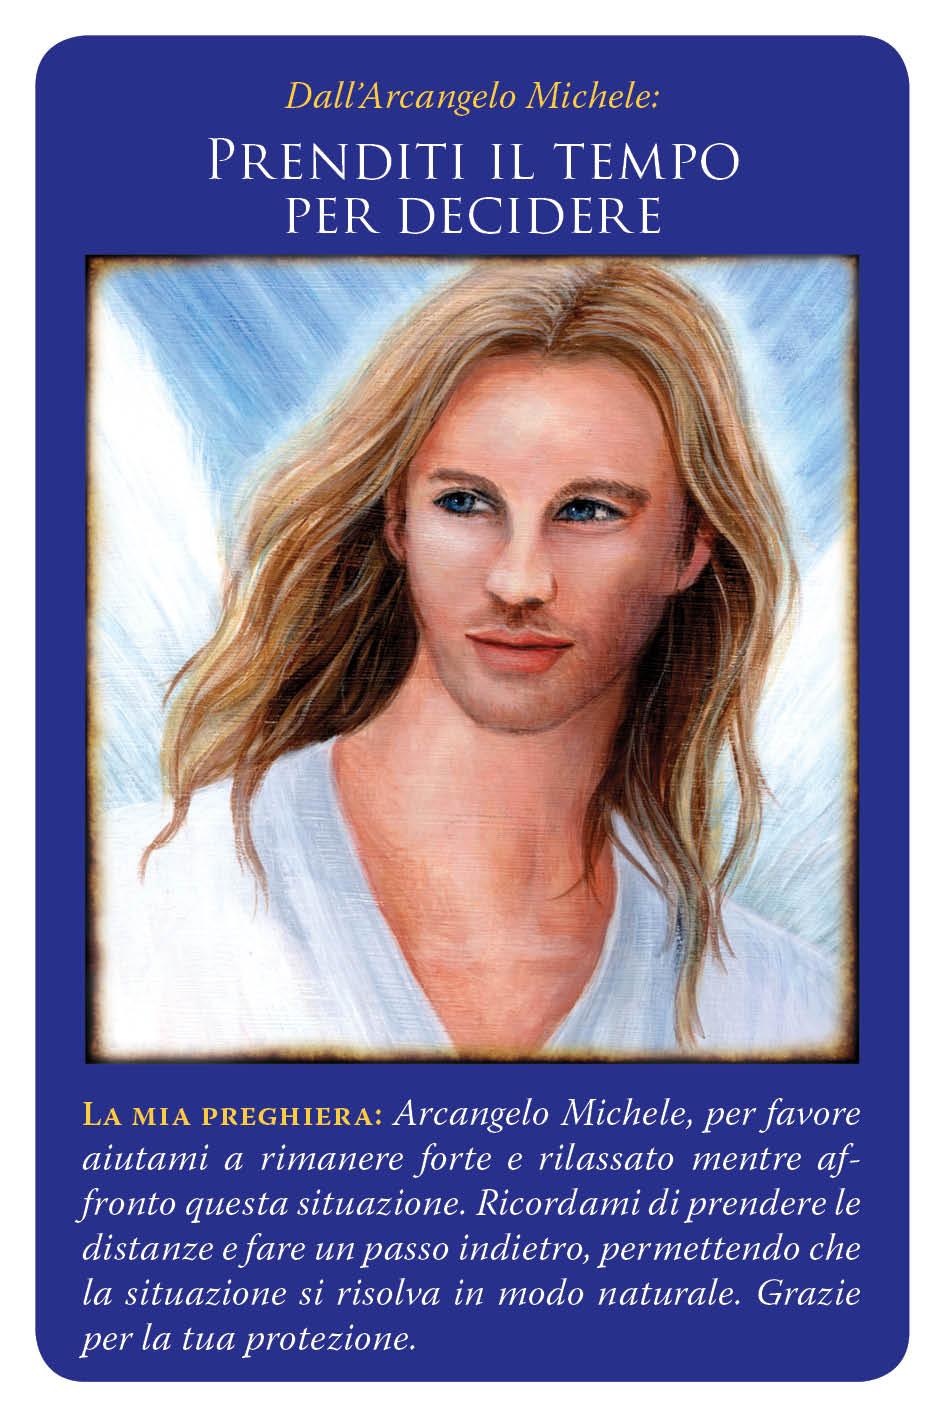 carte arcangelo michele - prenditi il tempo per decidere